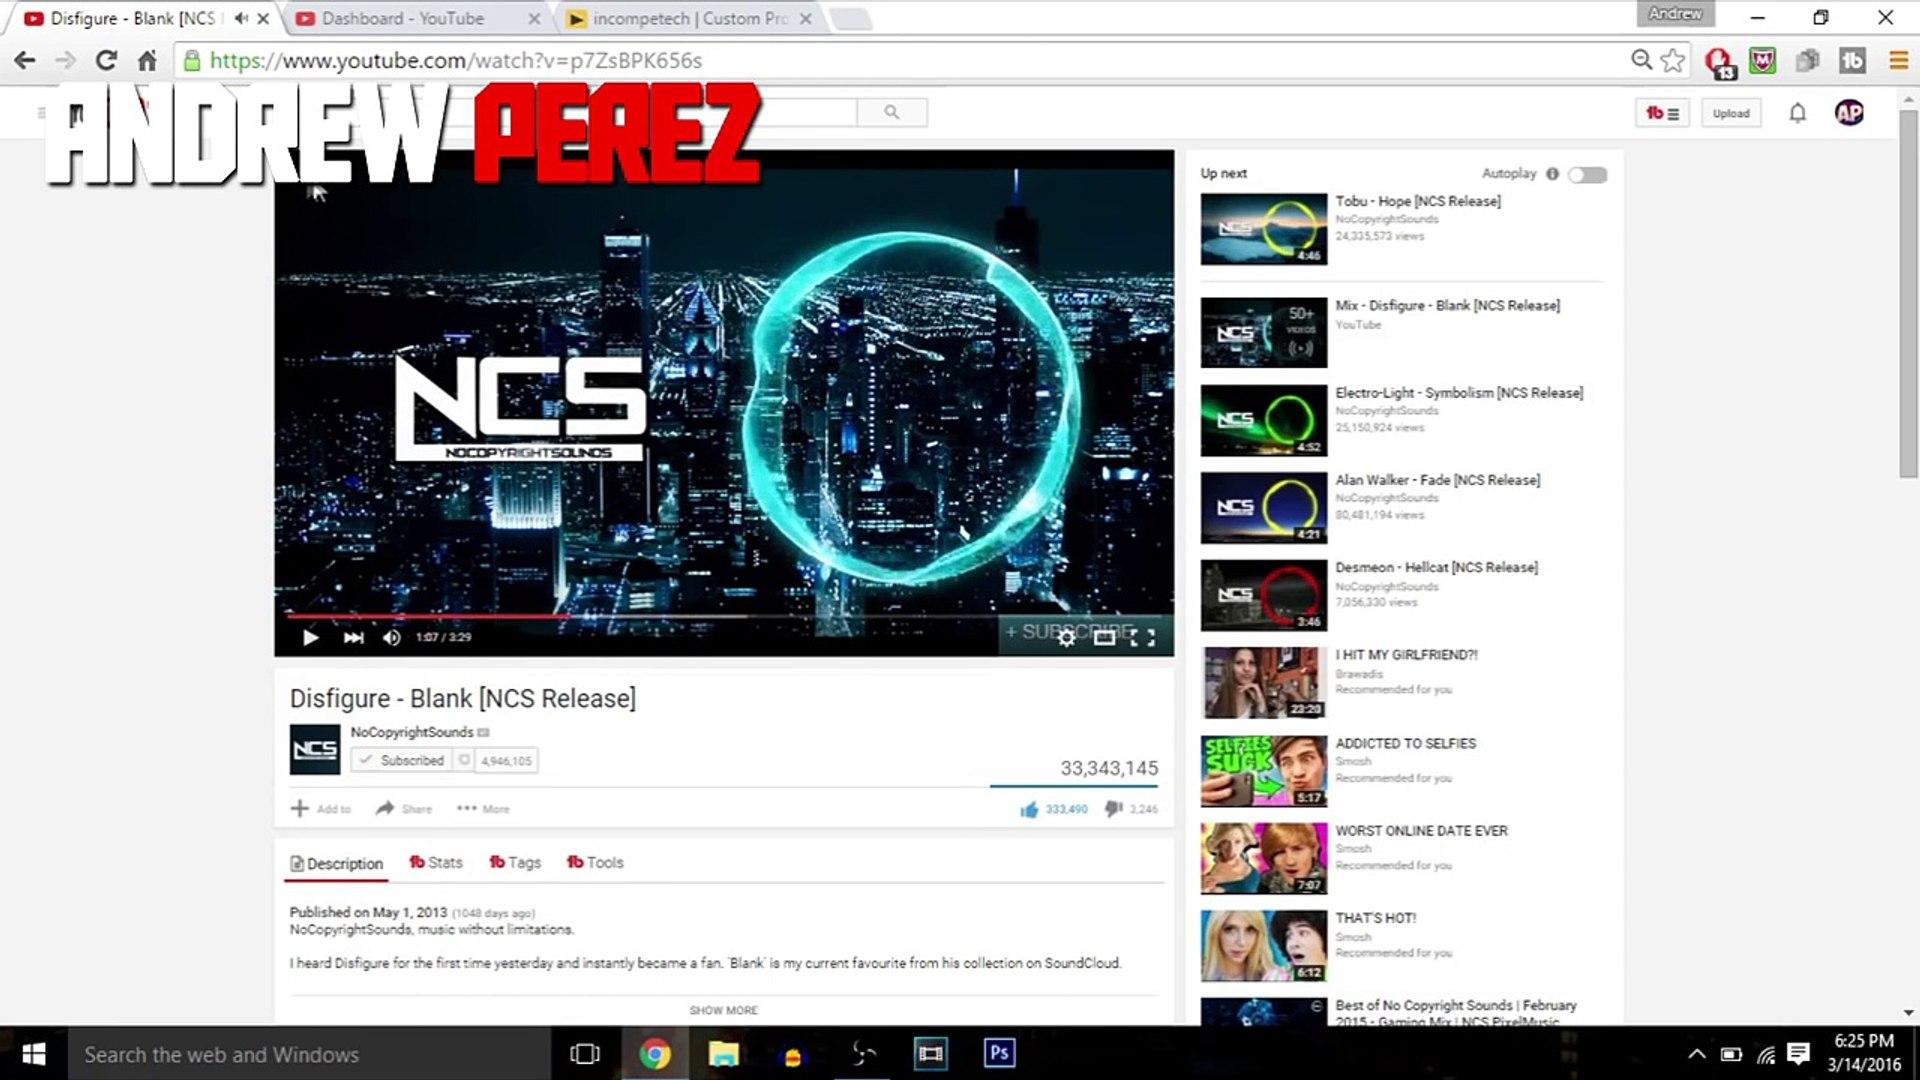 Авторские права как в в в в музыка нет нет Хорошо Кому в Это Использование видео с youtube